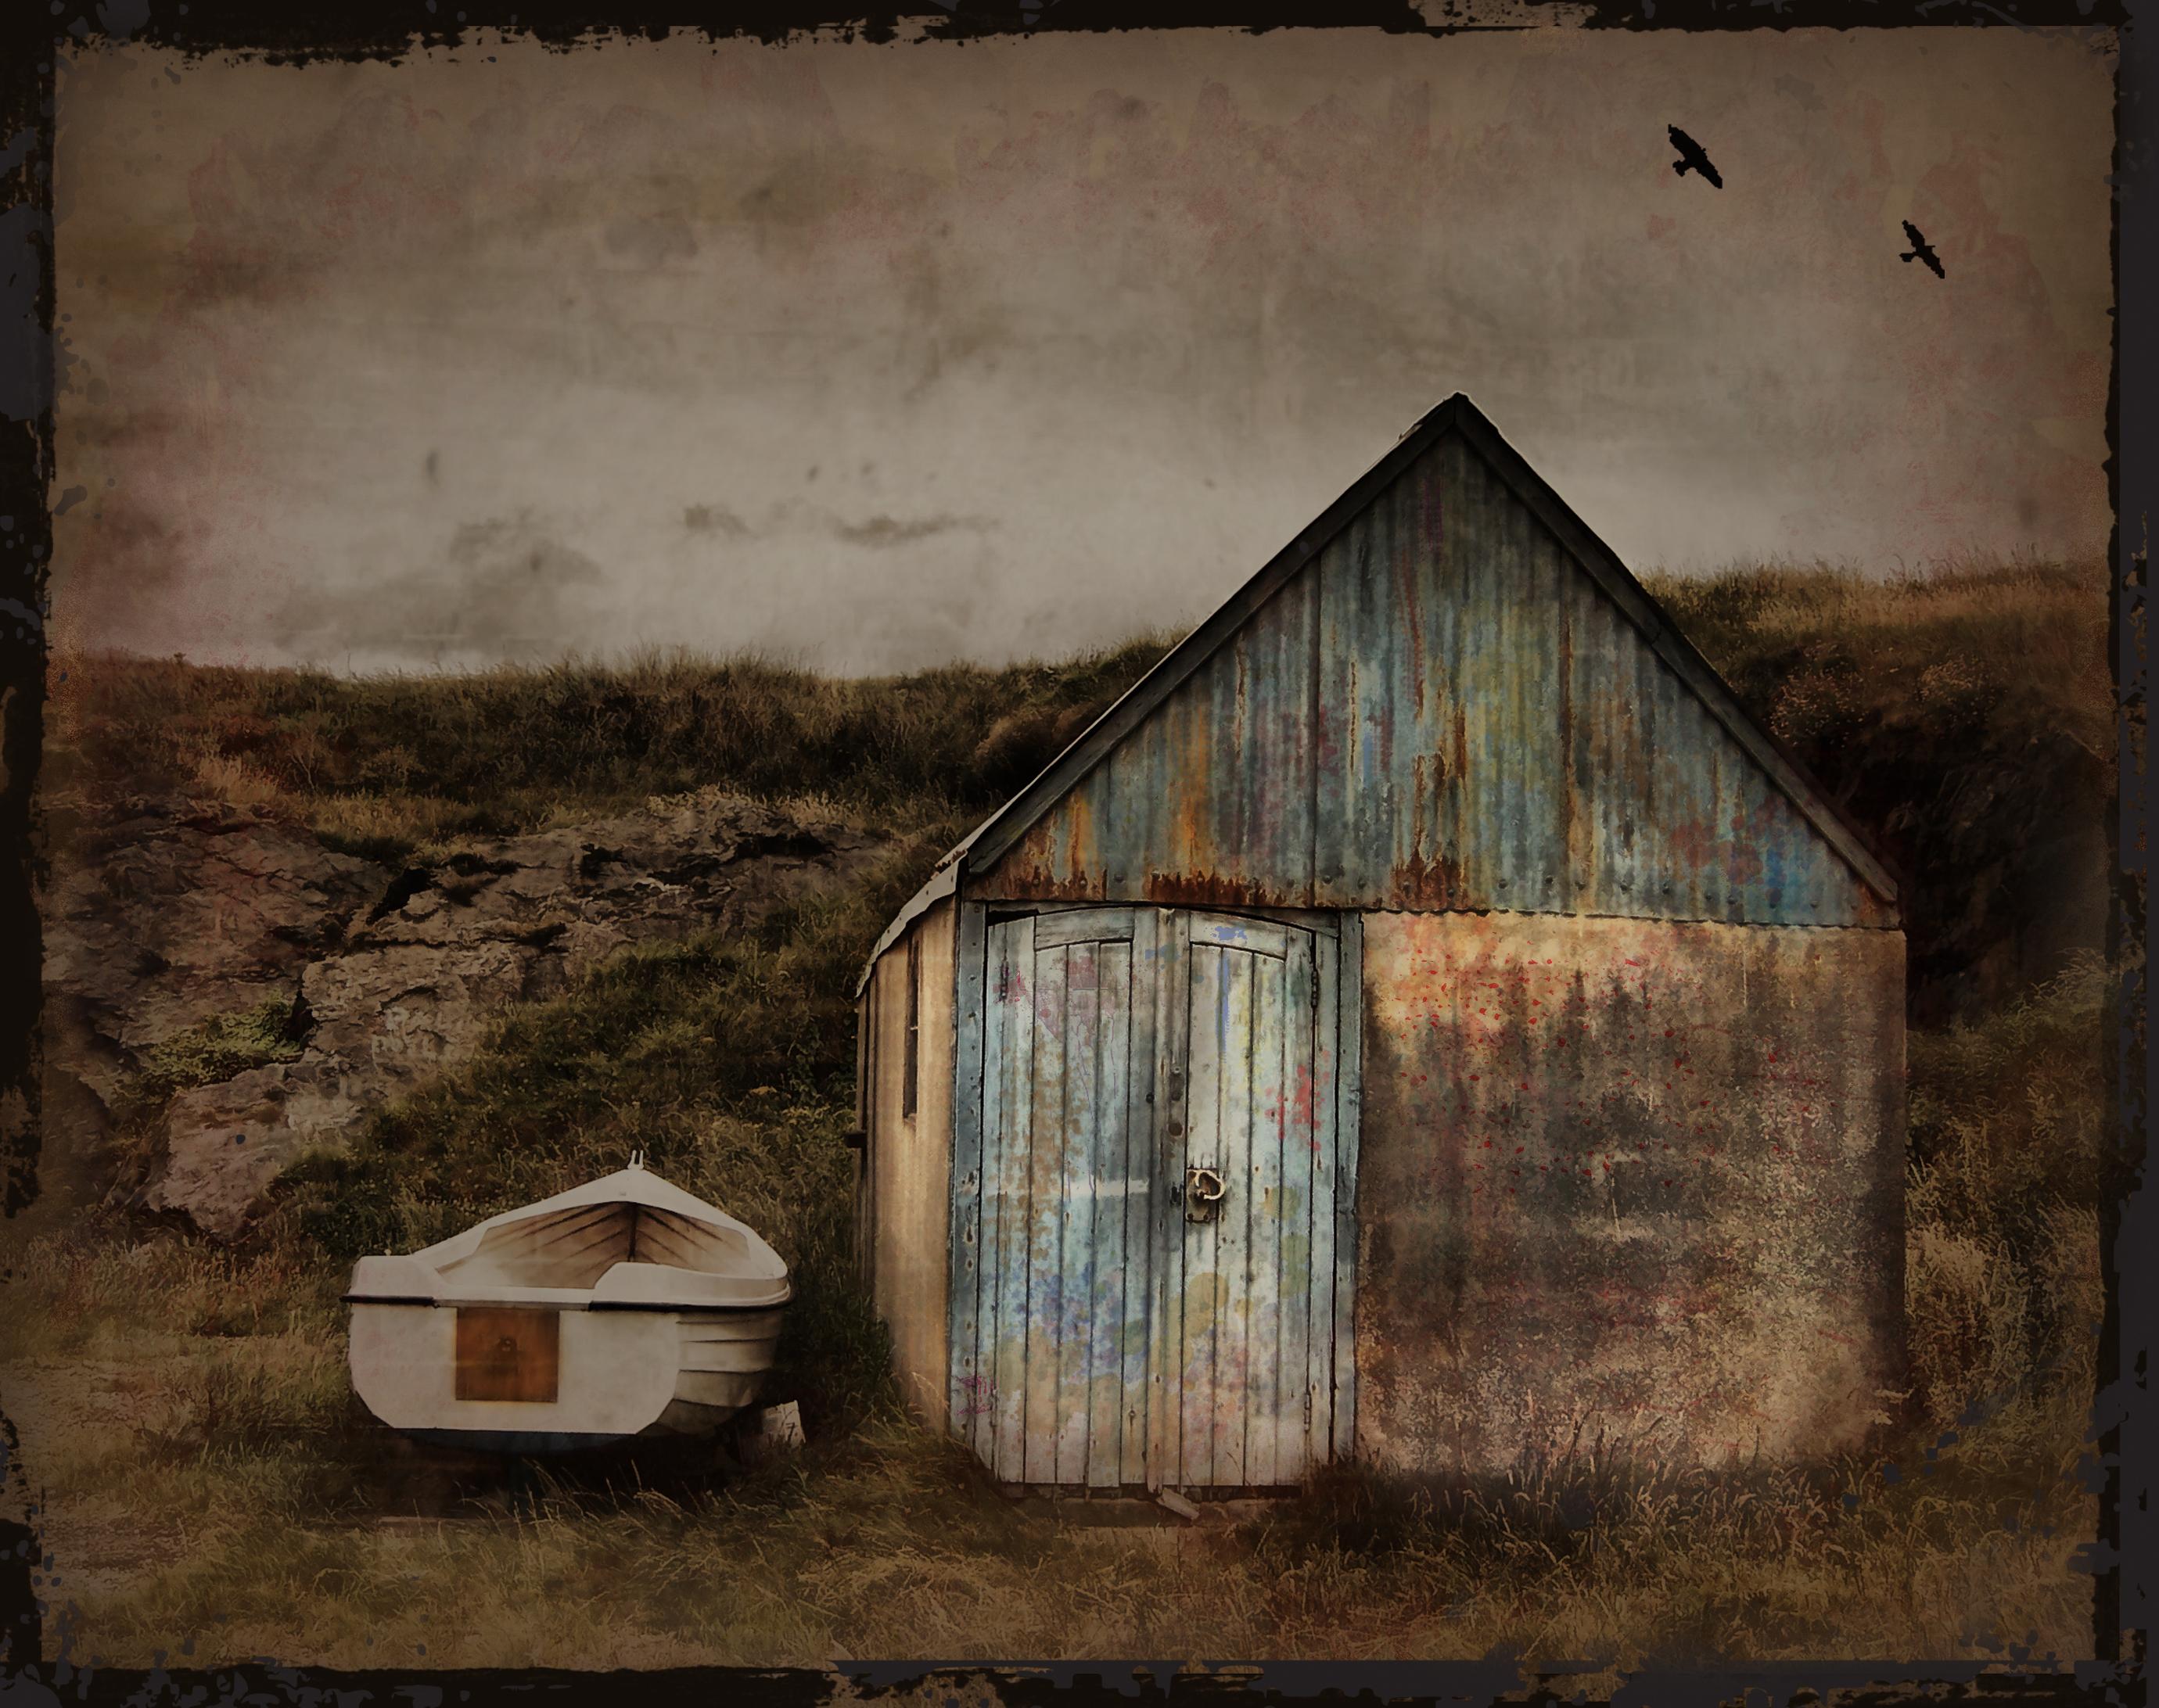 fond d 39 cran la peinture maison cabane grange bois cabanon fen tre ciel visual arts. Black Bedroom Furniture Sets. Home Design Ideas